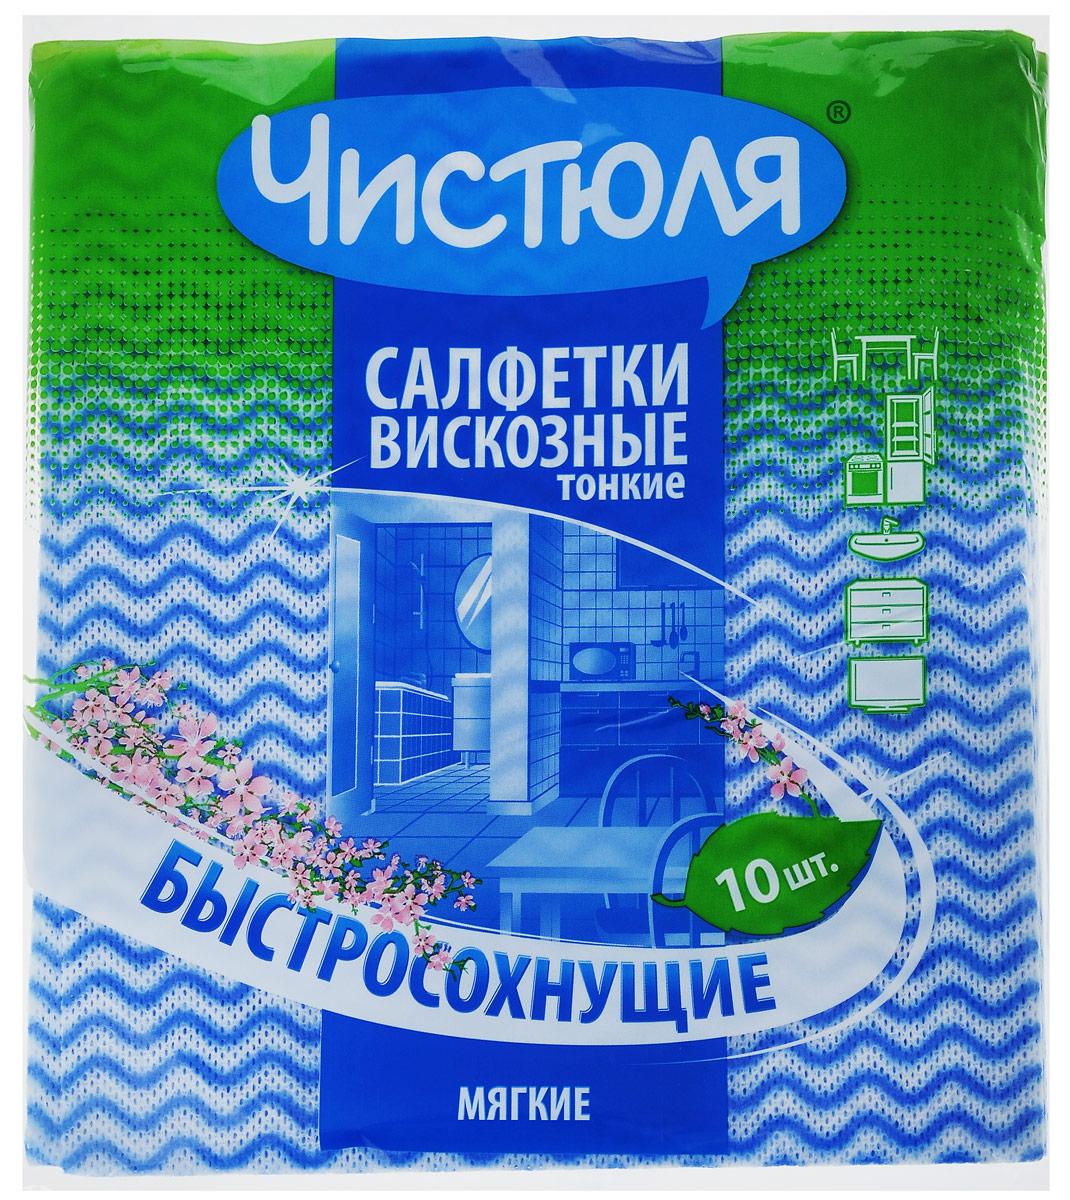 Салфетка для уборки Чистюля, вискозная, тонкая, цвет: голубой, белый, 10 штС0308_голубойСалфетки для уборки Чистюля, изготовленные из вискозы и полиэстера, предназначены для мытья любых поверхностей в доме: кухонные столы, плиты, сантехника, кафель, посуда, мебель из любых материалов, бытовая техника. Салфетки мягкие, нежные и приятные на ощупь. Несмотря на небольшой размер, отлично умещаются в ладони, легко принимают комфортную для руки форму, мгновенно отжимаются. Салфетки быстро сохнут и остаются свежими без затхлого запаха. Очень хорошо поглощают влагу, отлично очищают любые поверхности, впитывая влагу вместе с грязью. Не оставляют ворсинок и разводов. Отстирываются при температуре до +70°С.